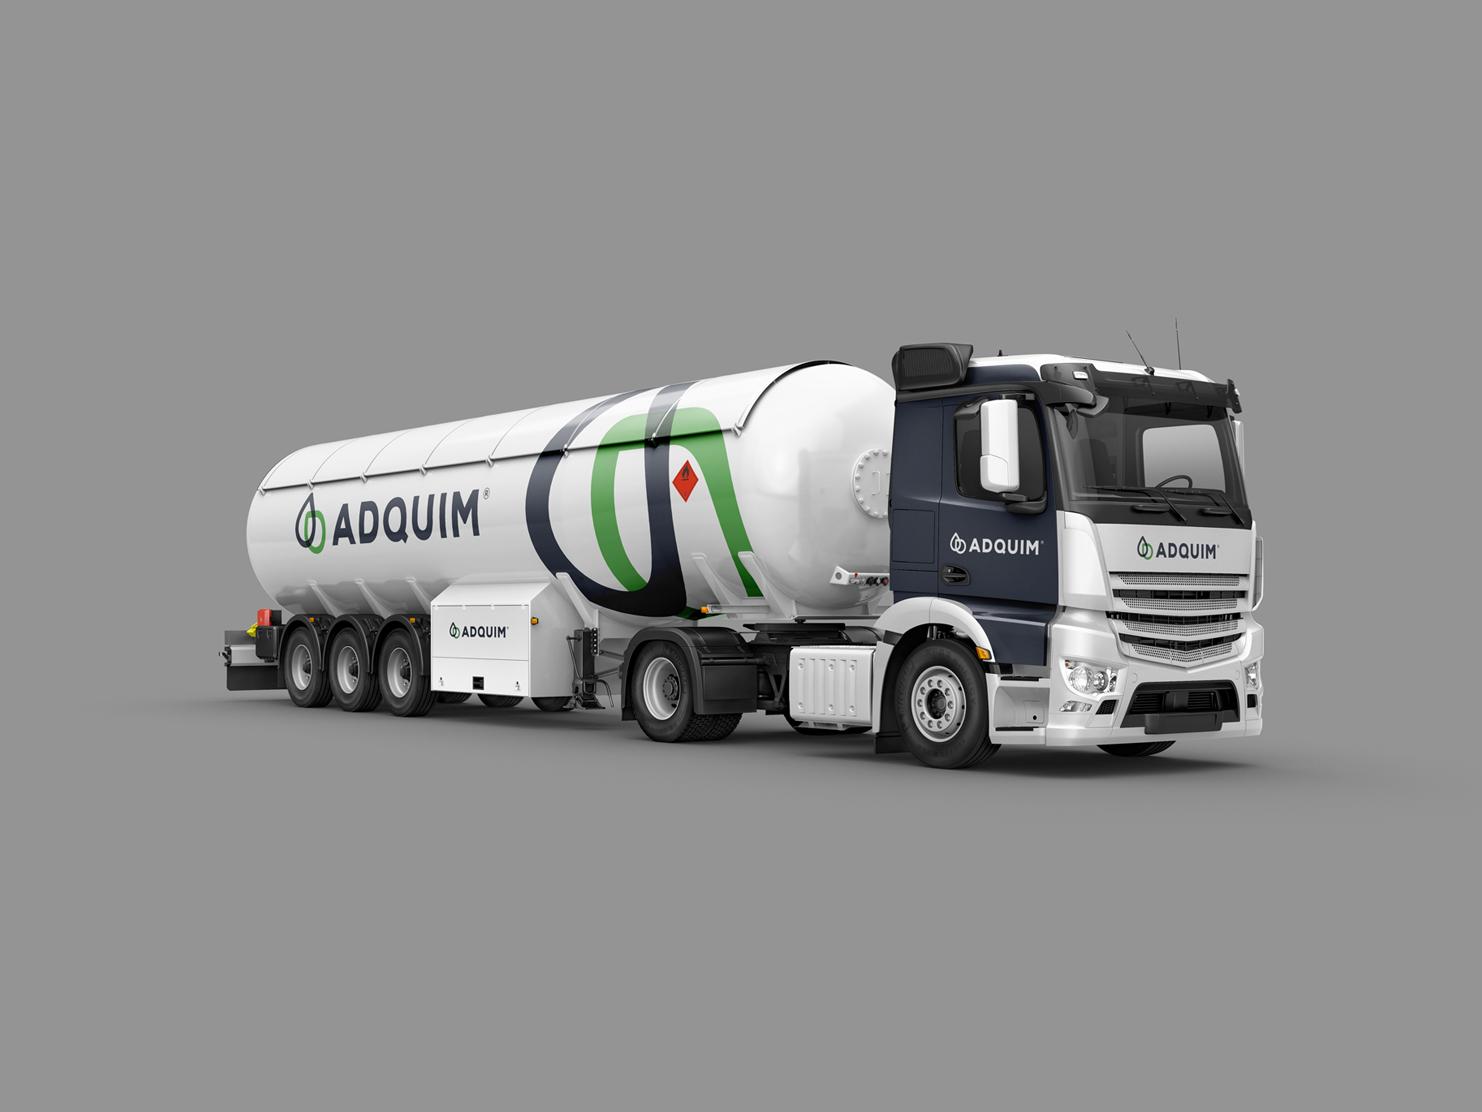 Branding de camiones Adquim